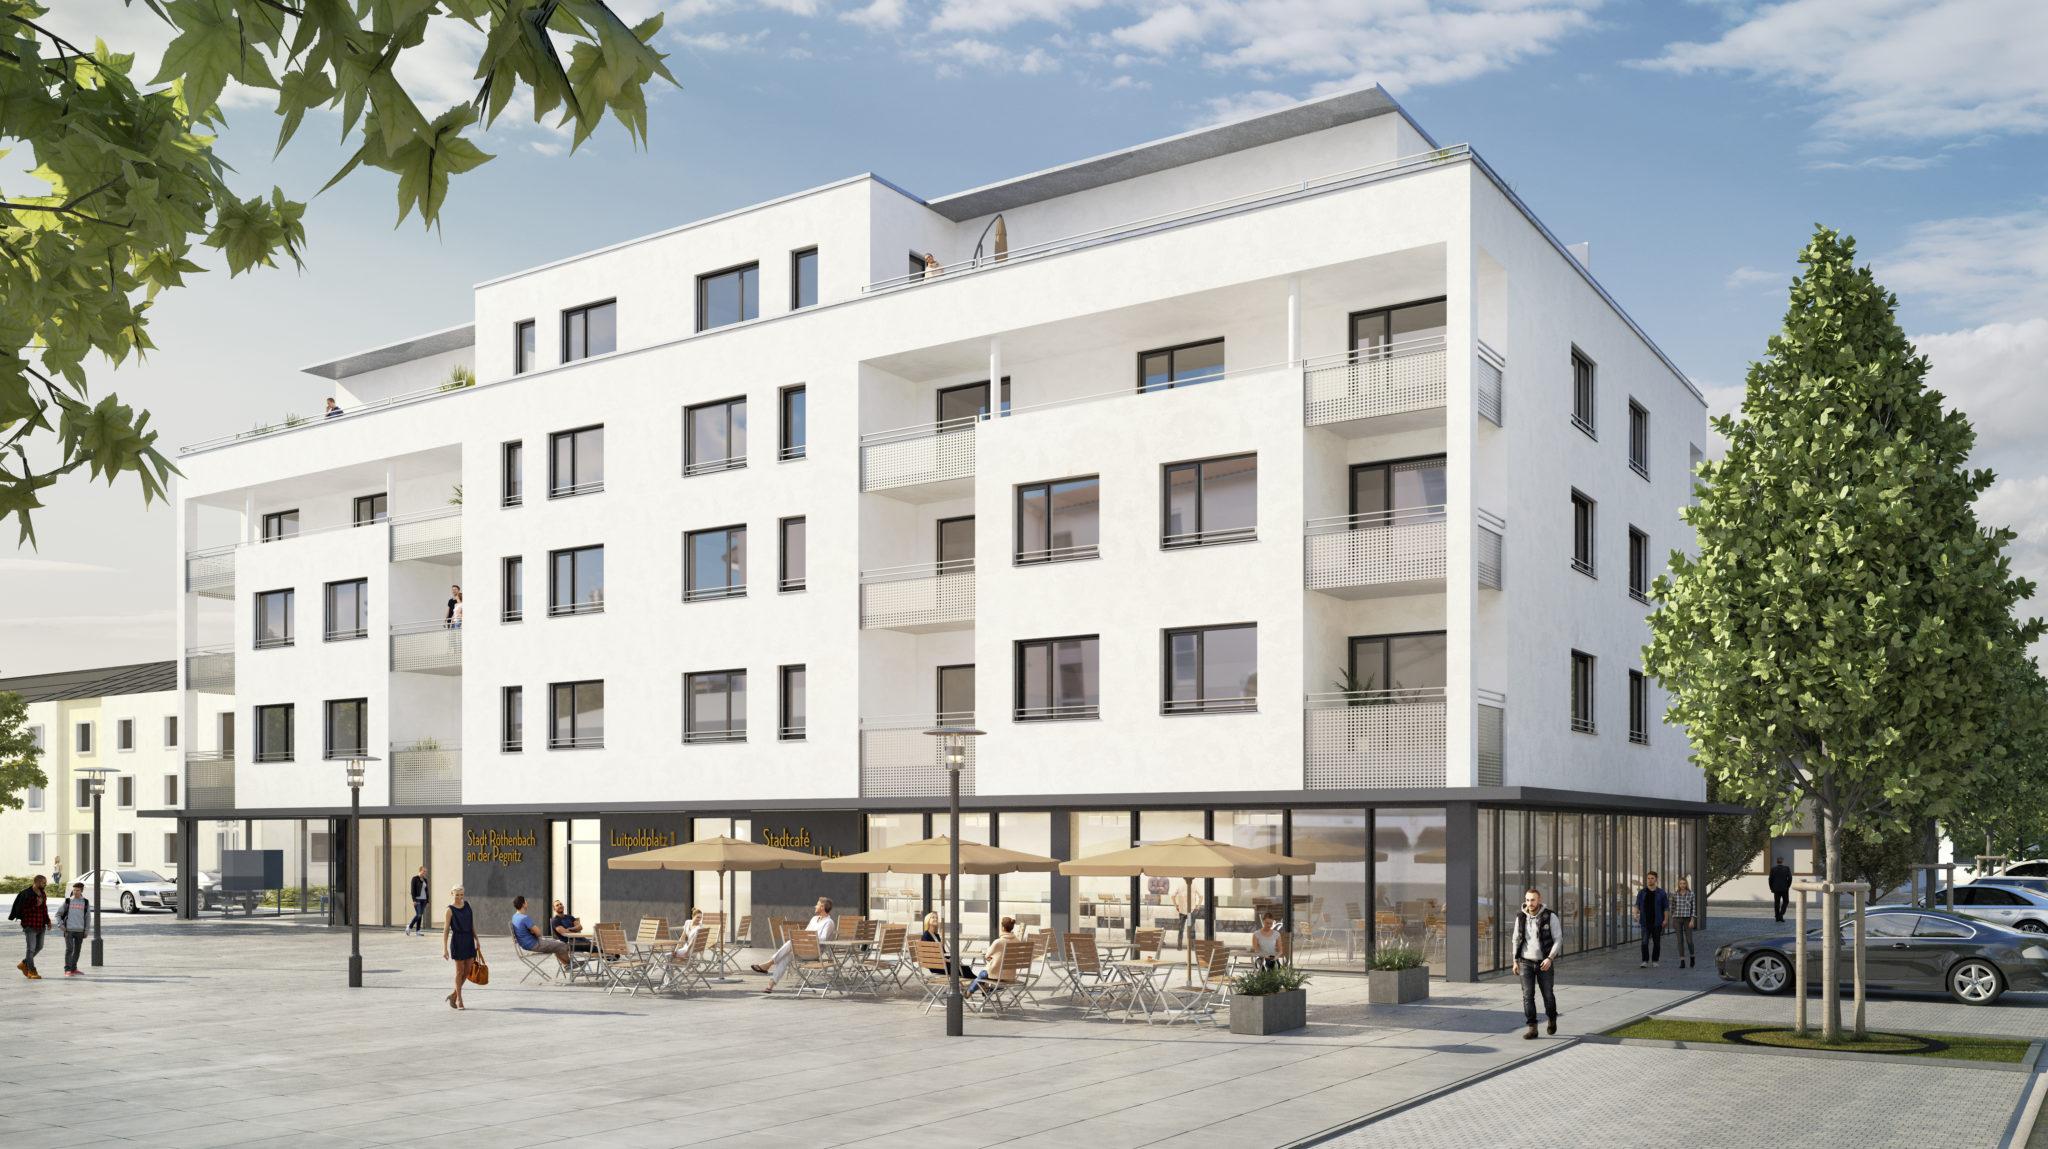 Eigentumswohnungen in Röthenbach an der Pegnitz